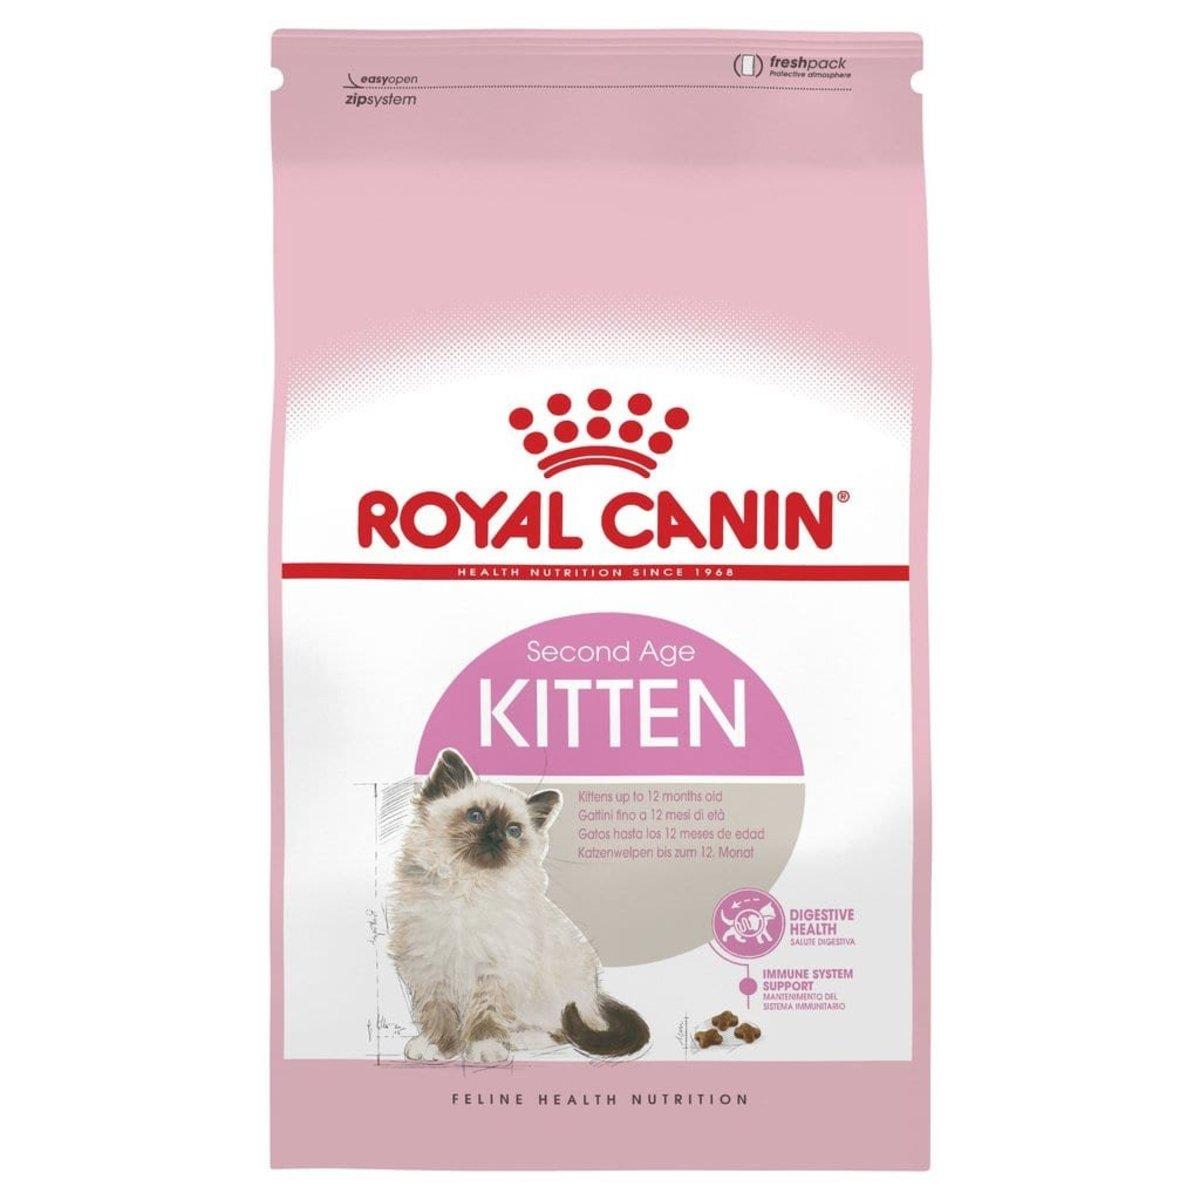 Second Age Kitten K364K 4kg